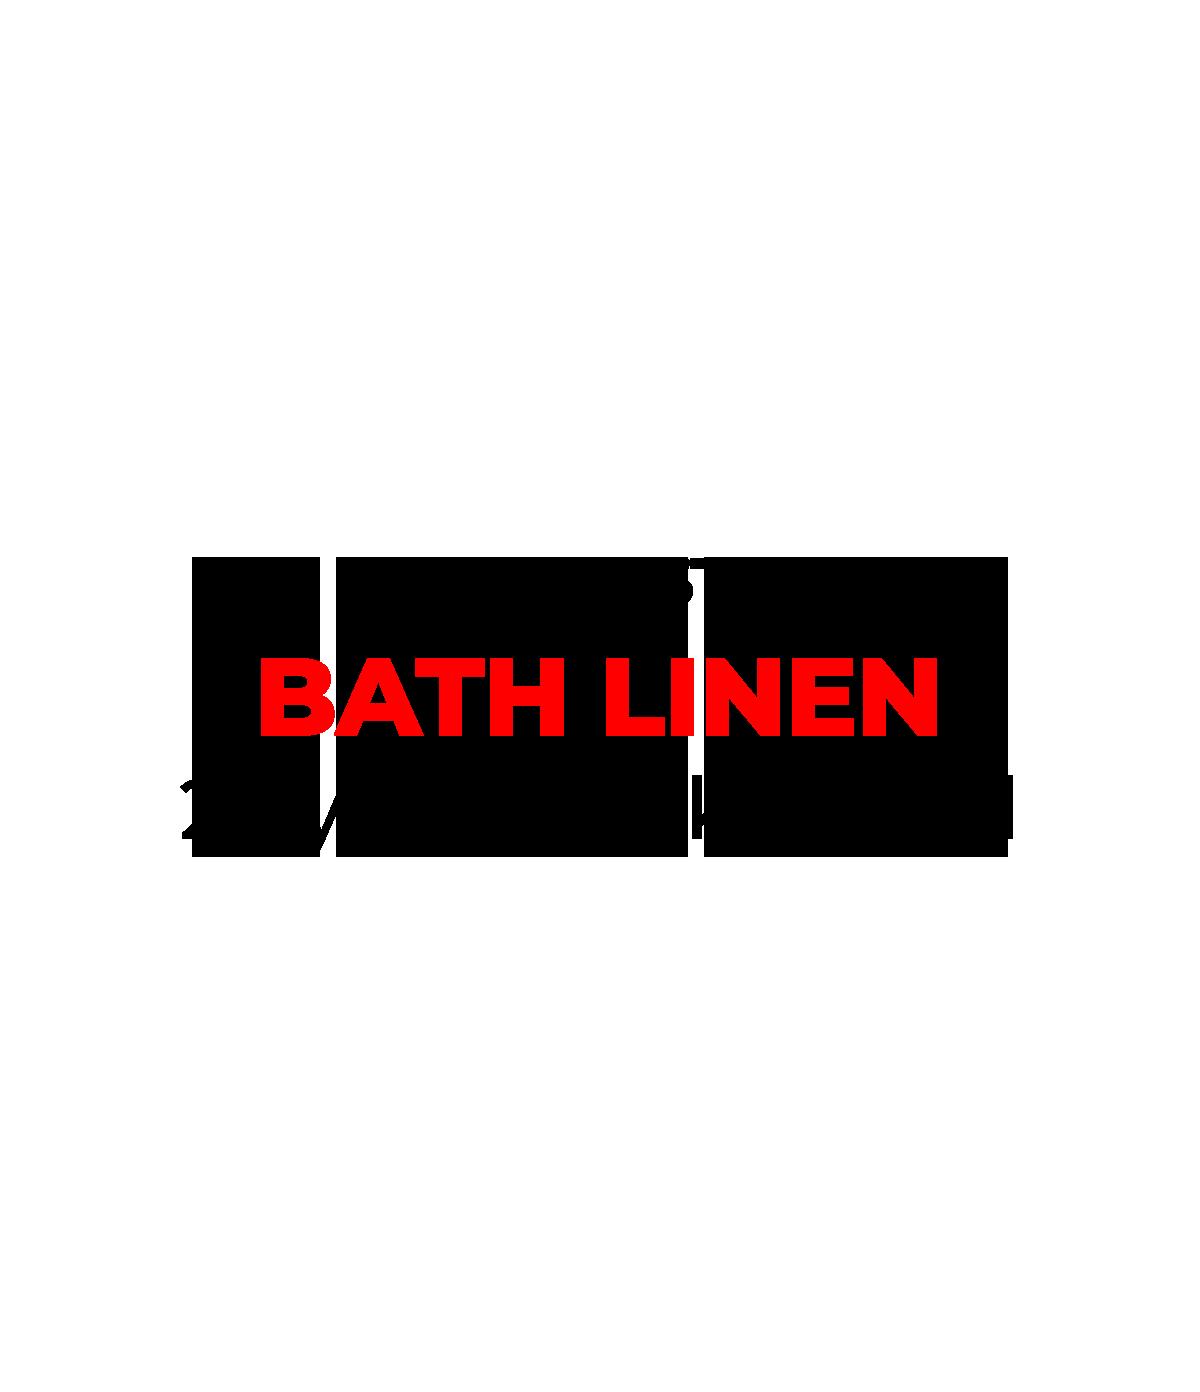 https://www.prapalexports.com/wp-content/uploads/2020/02/bath-linen-main.png